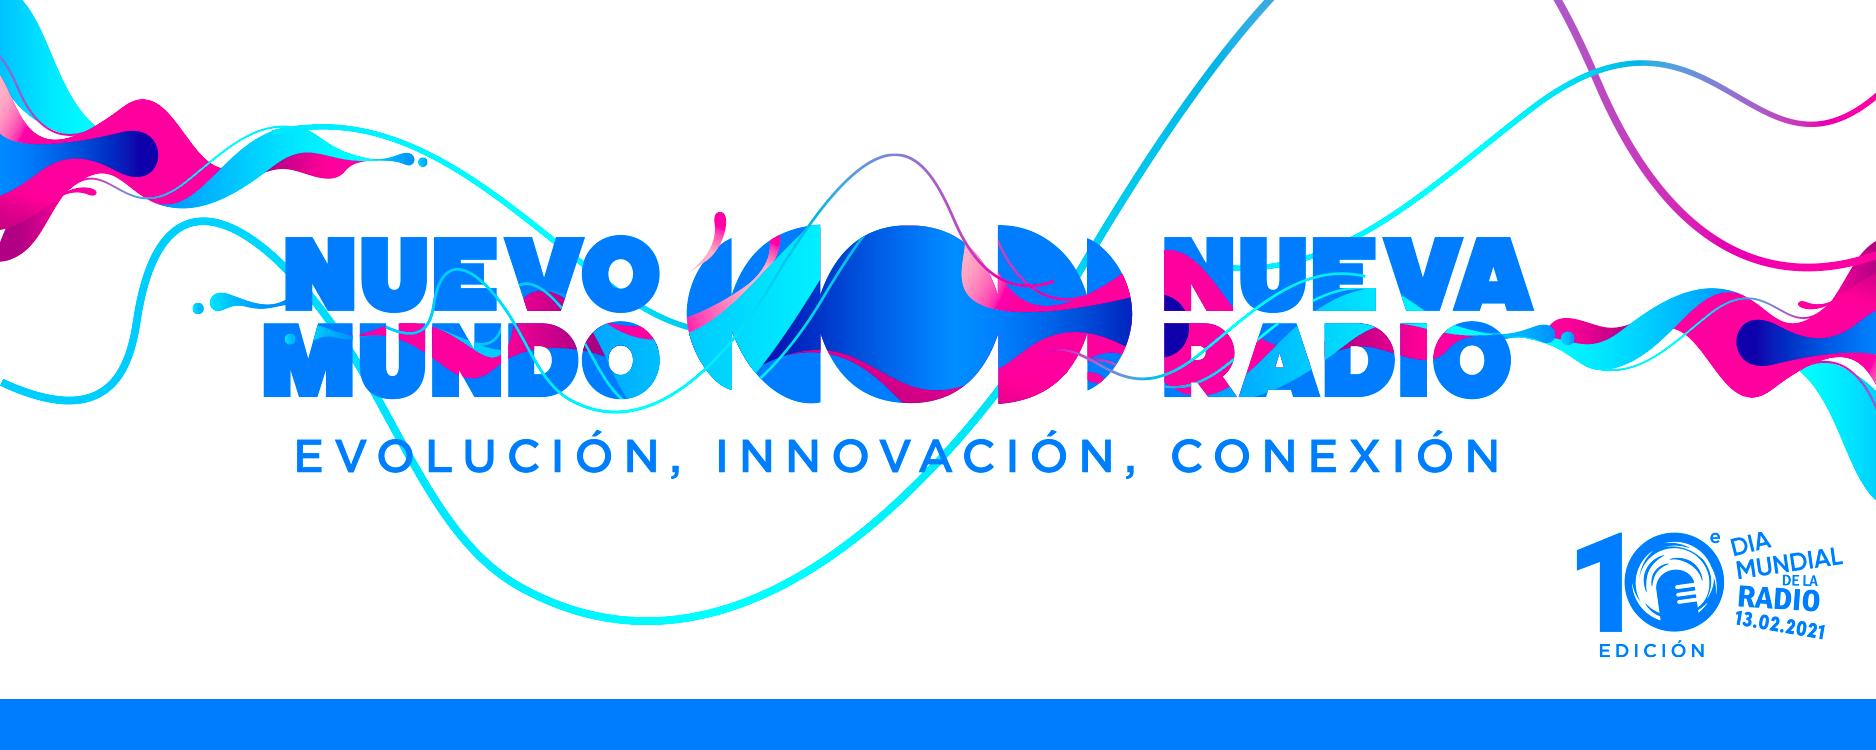 DÍA MUNDIAL DE LA RADIO 2021